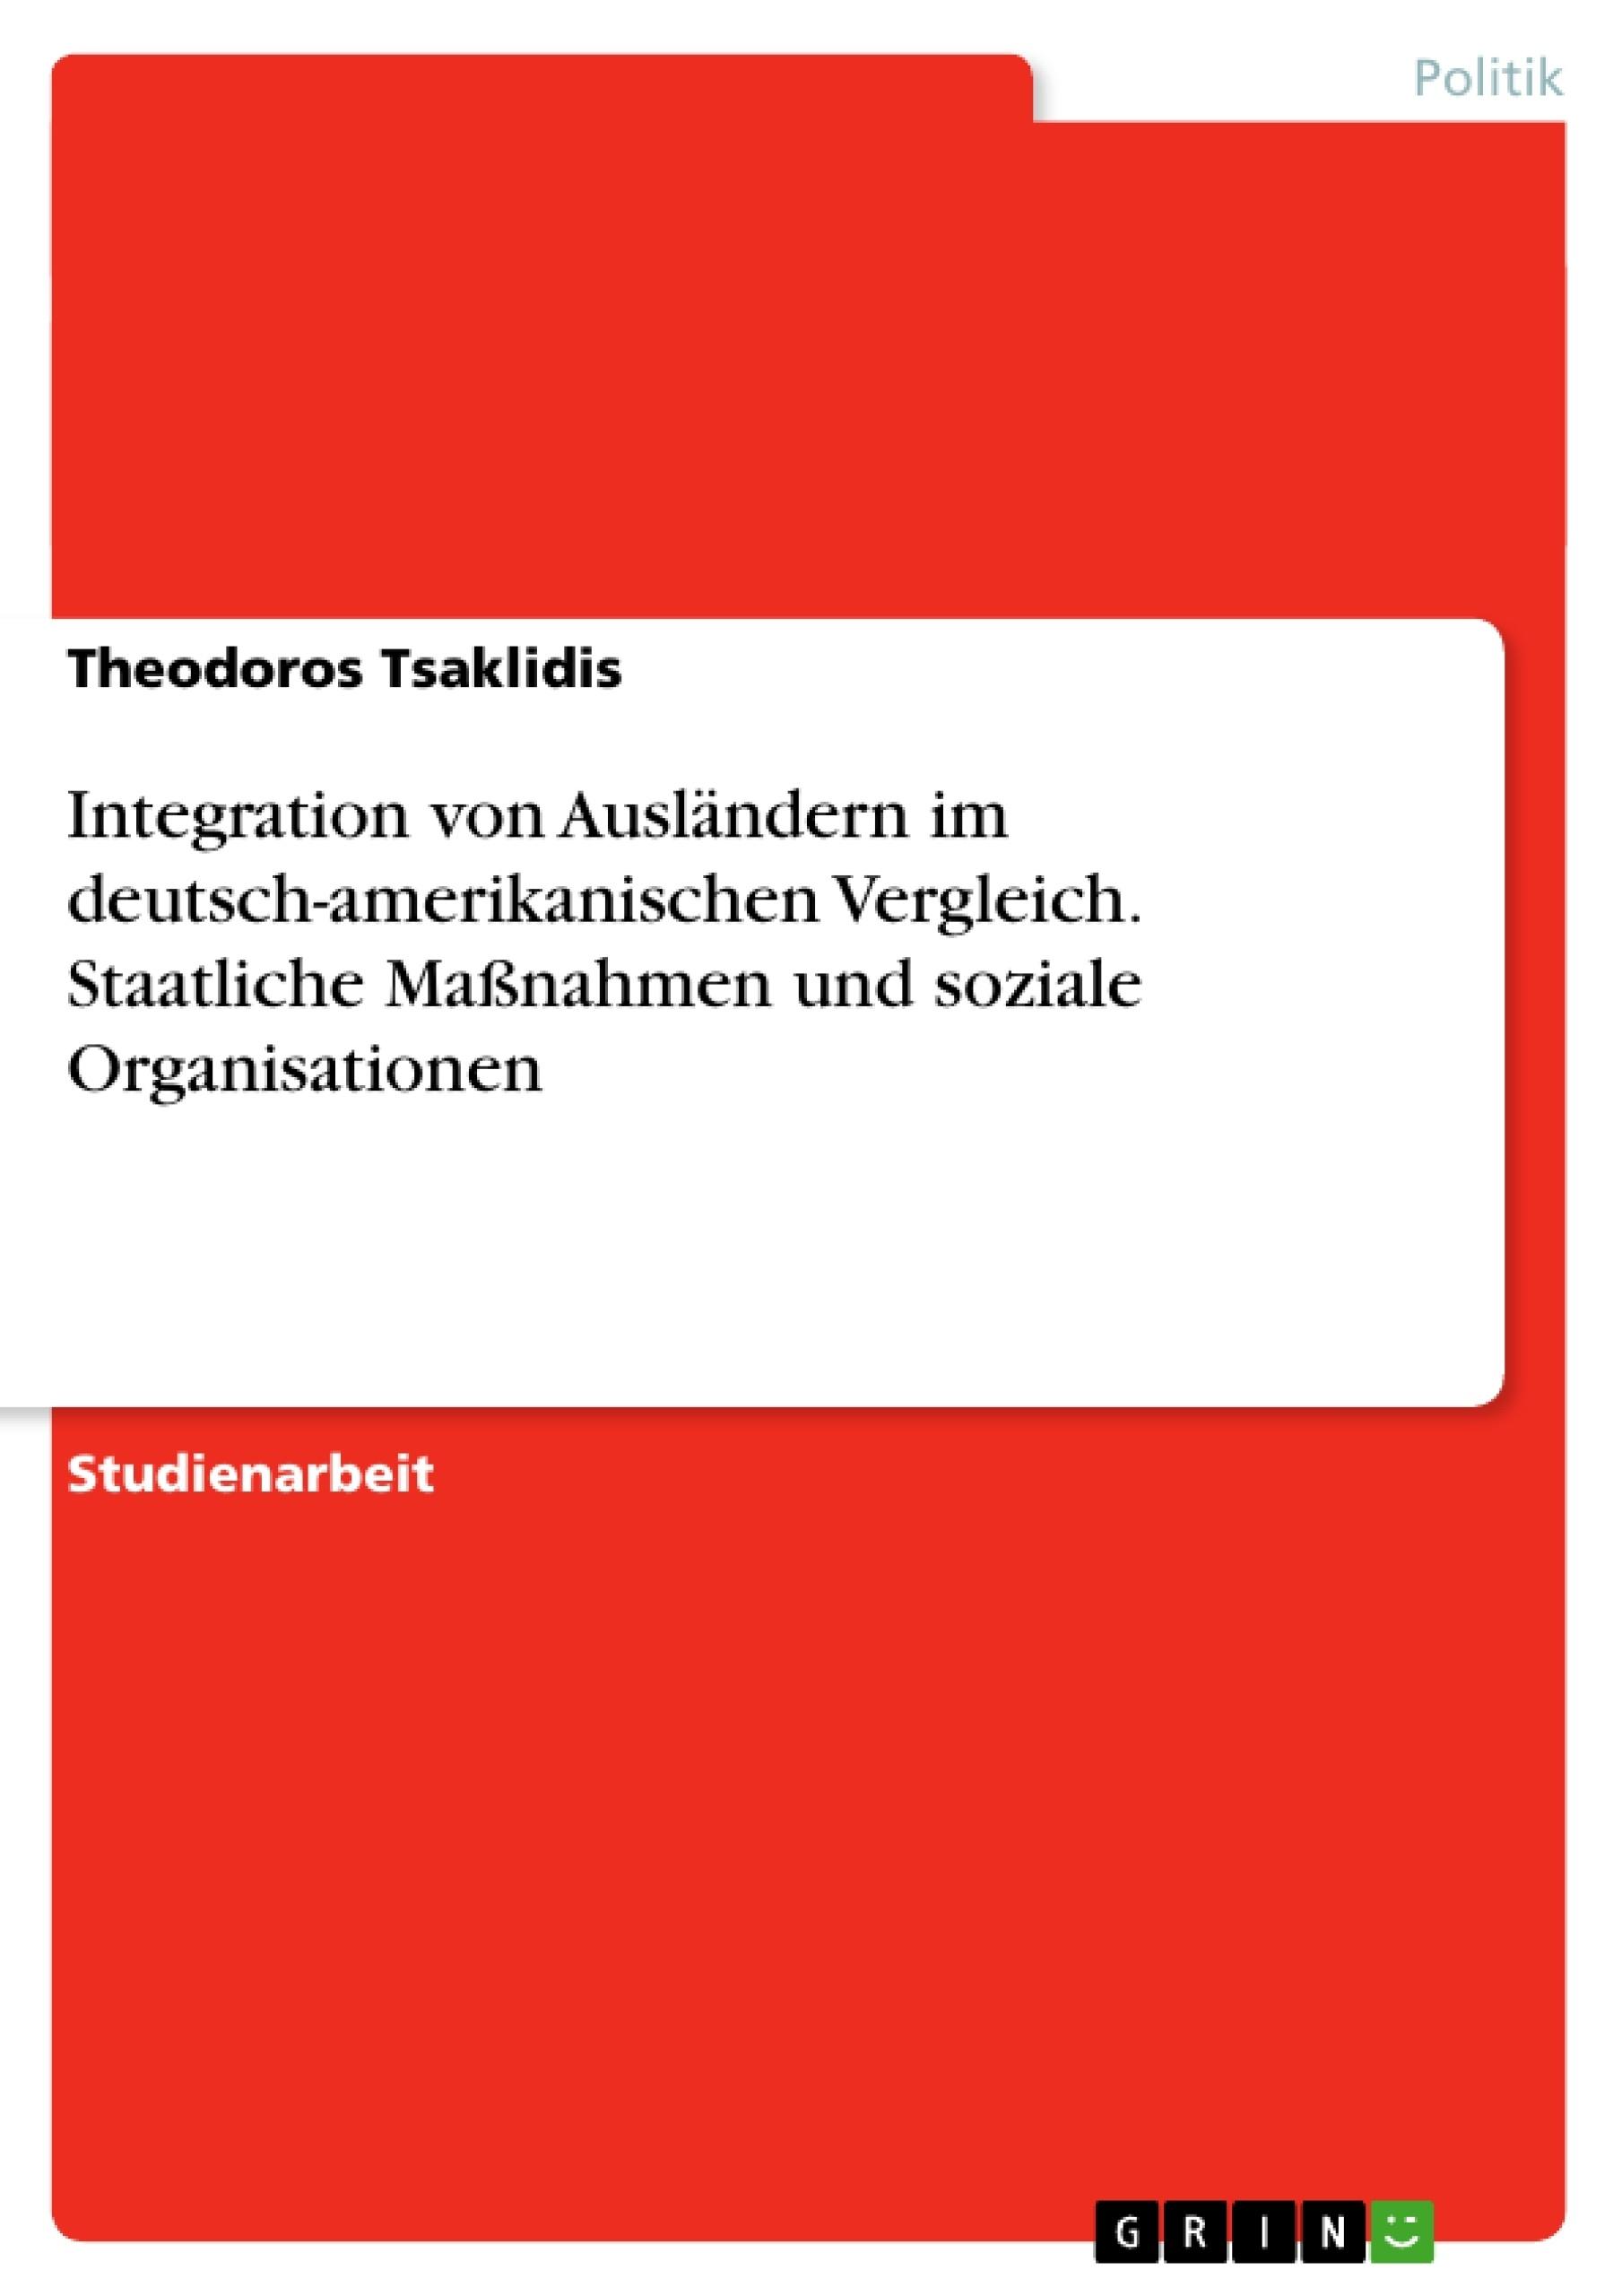 Titel: Integration von Ausländern im deutsch-amerikanischen Vergleich. Staatliche Maßnahmen und soziale Organisationen